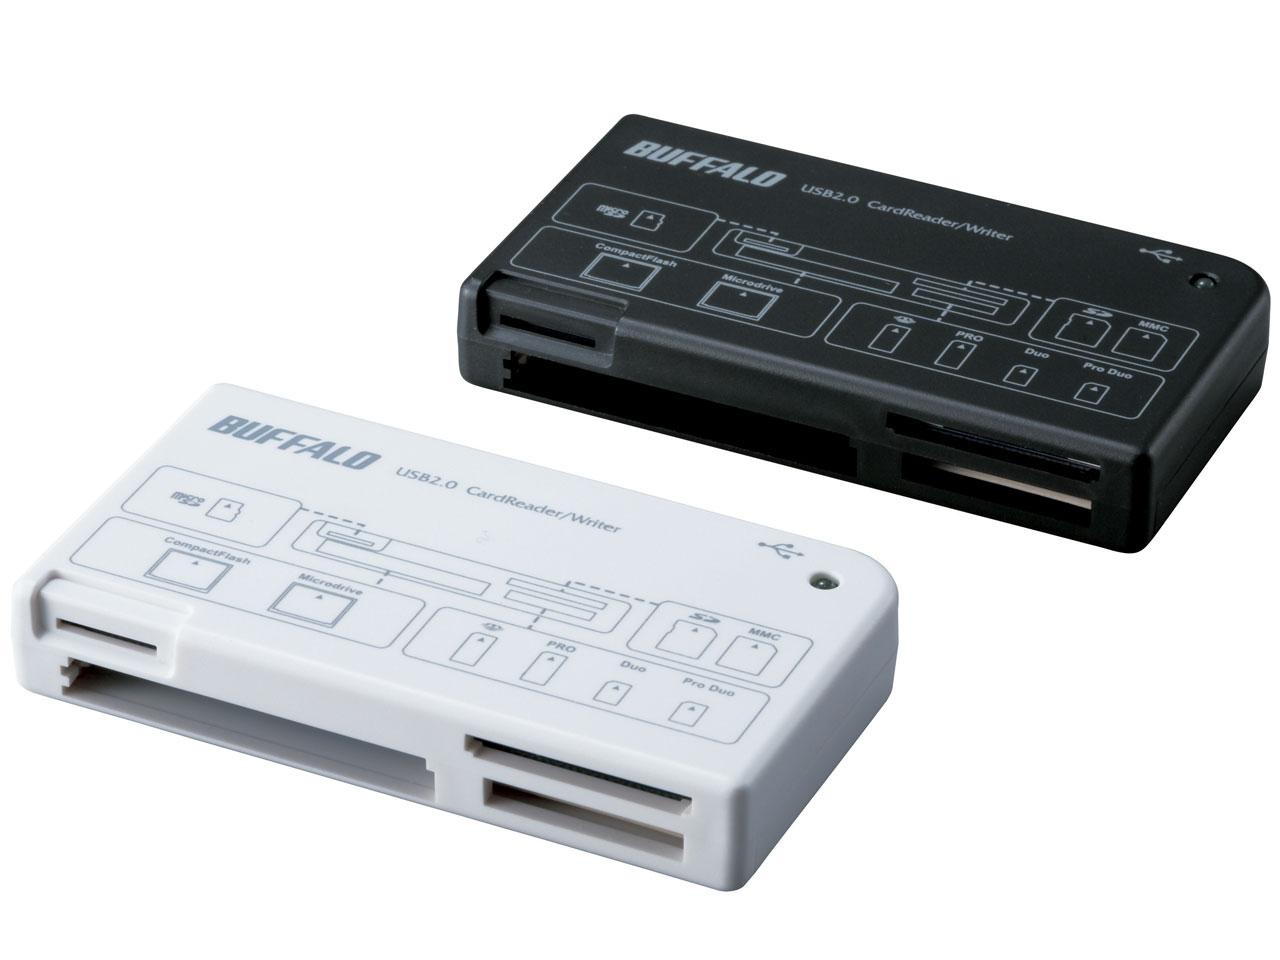 『カラーバリエーション』 BSCRA26U2WH (USB) (26in1) の製品画像